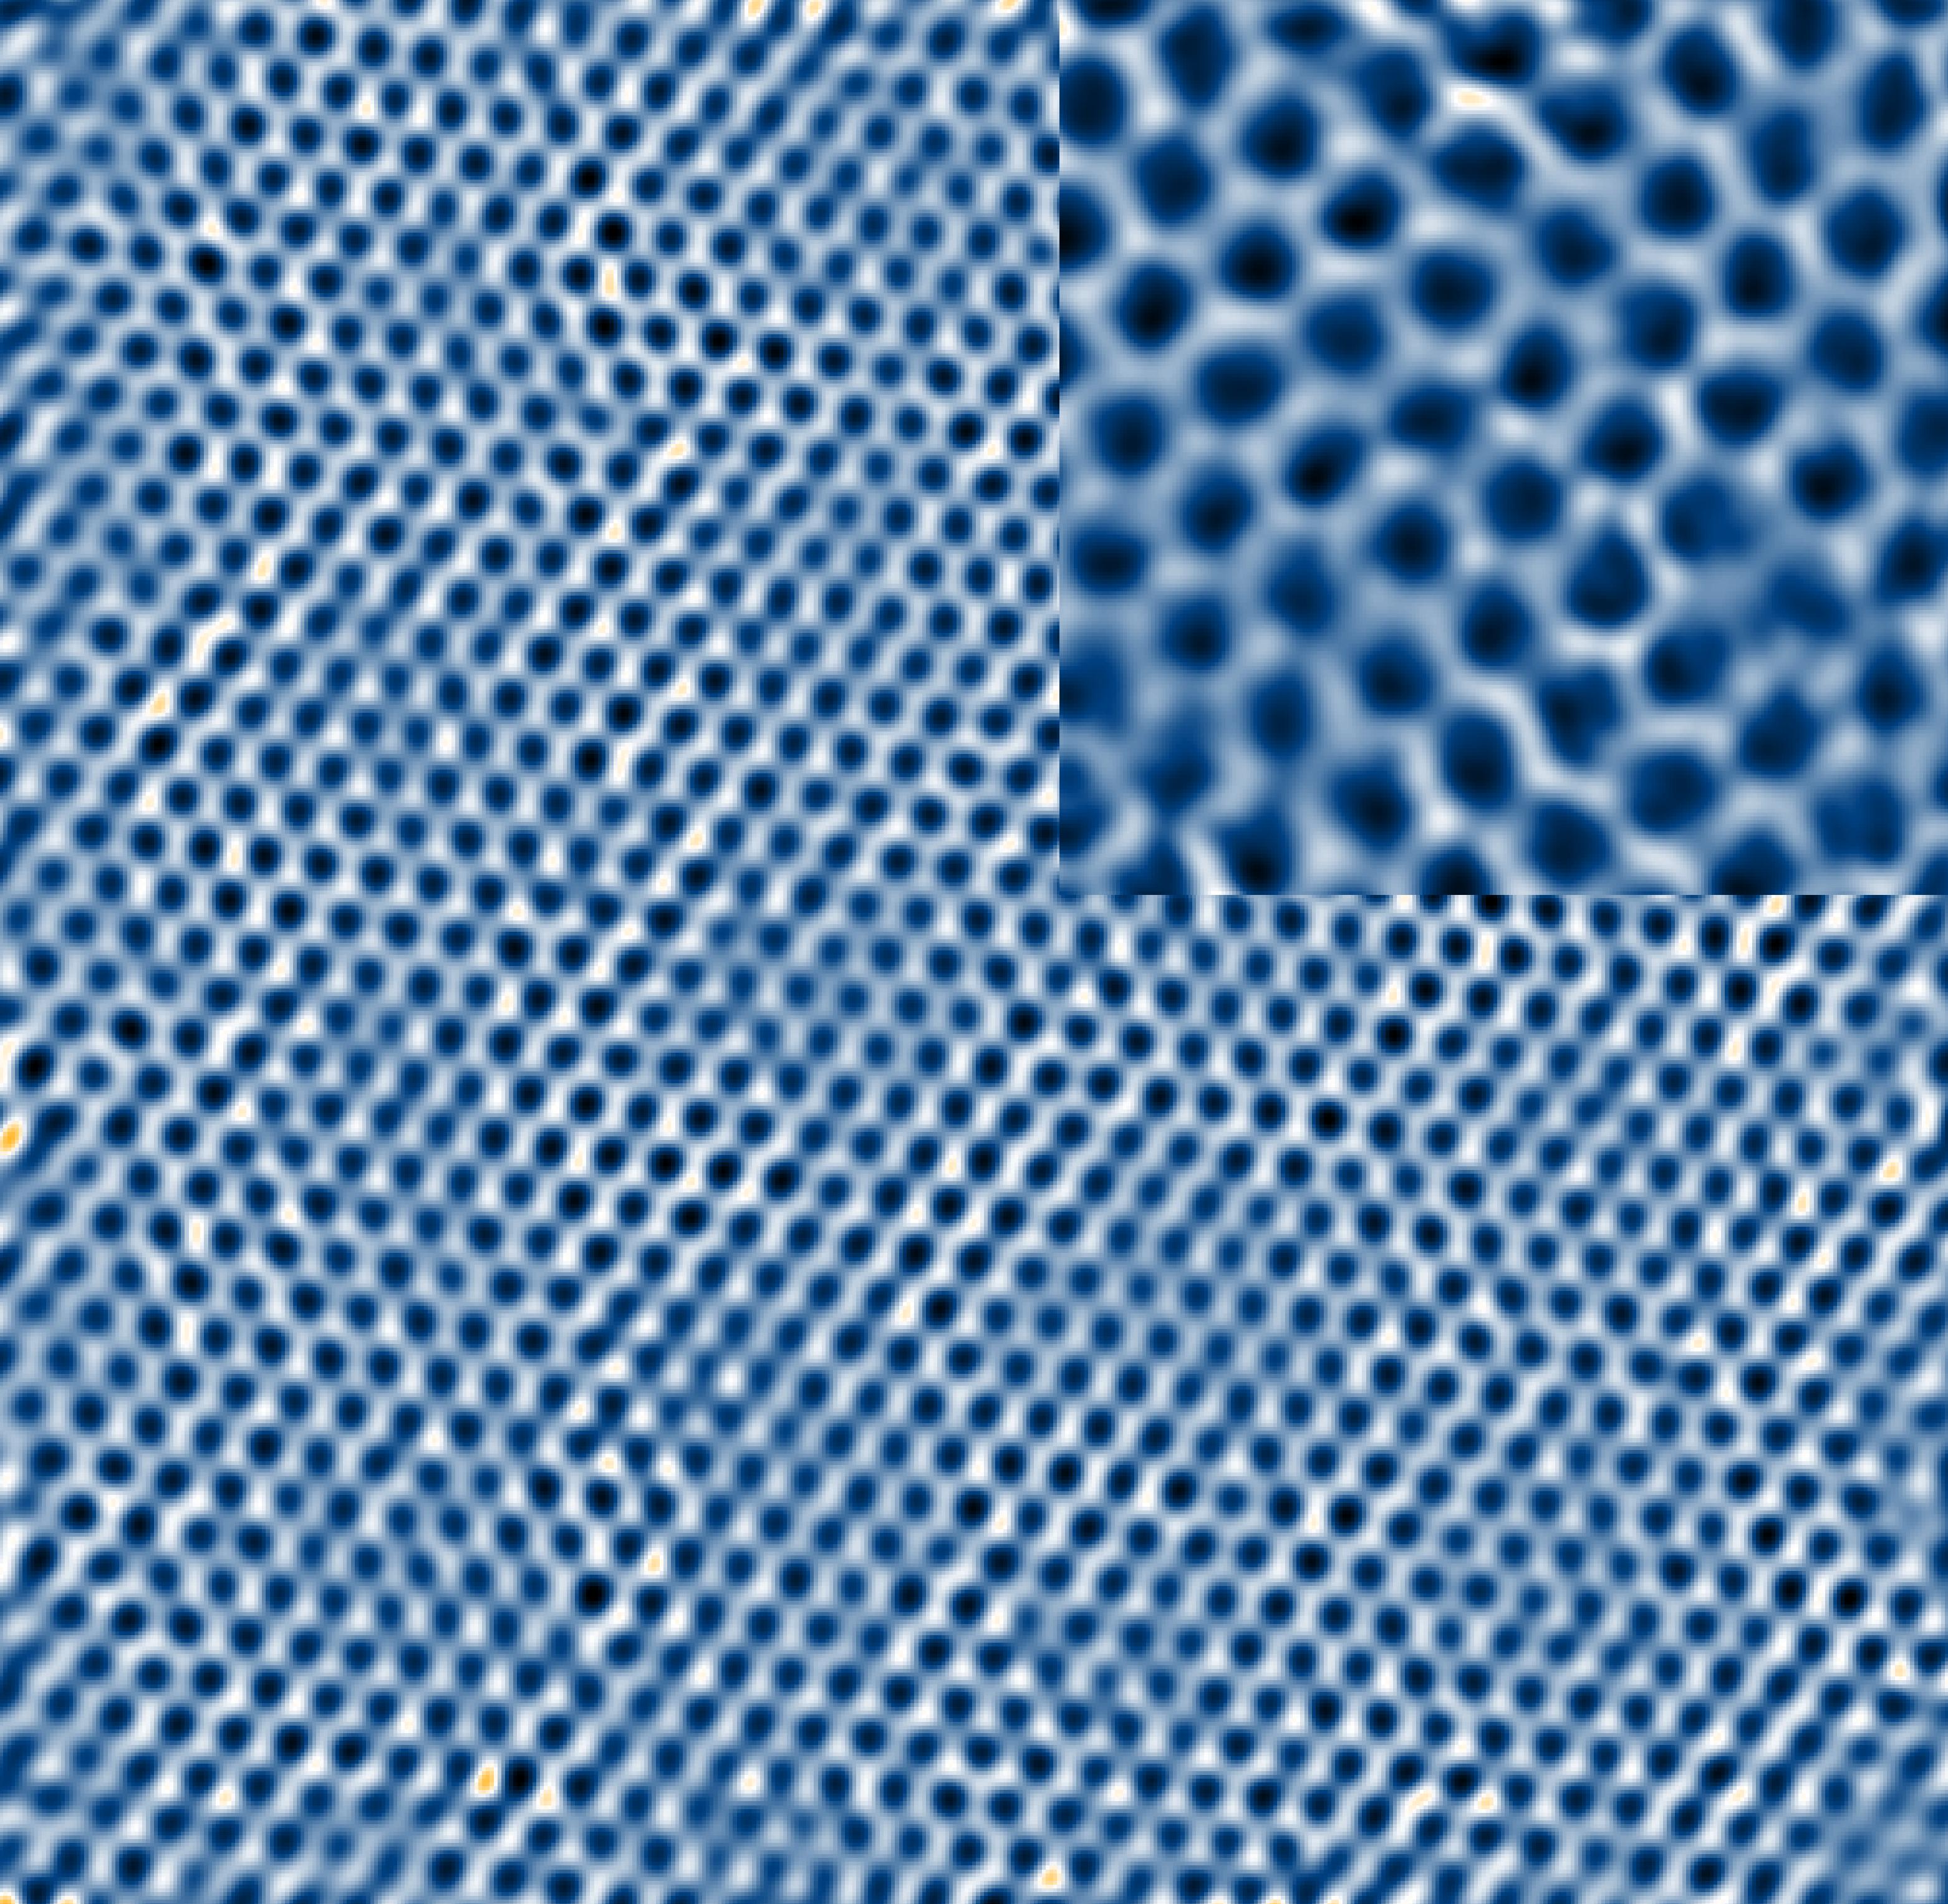 Rastertunnelmikroskopie-Aufnahme von Graphen. Photo: T. Druga/ P. Willke